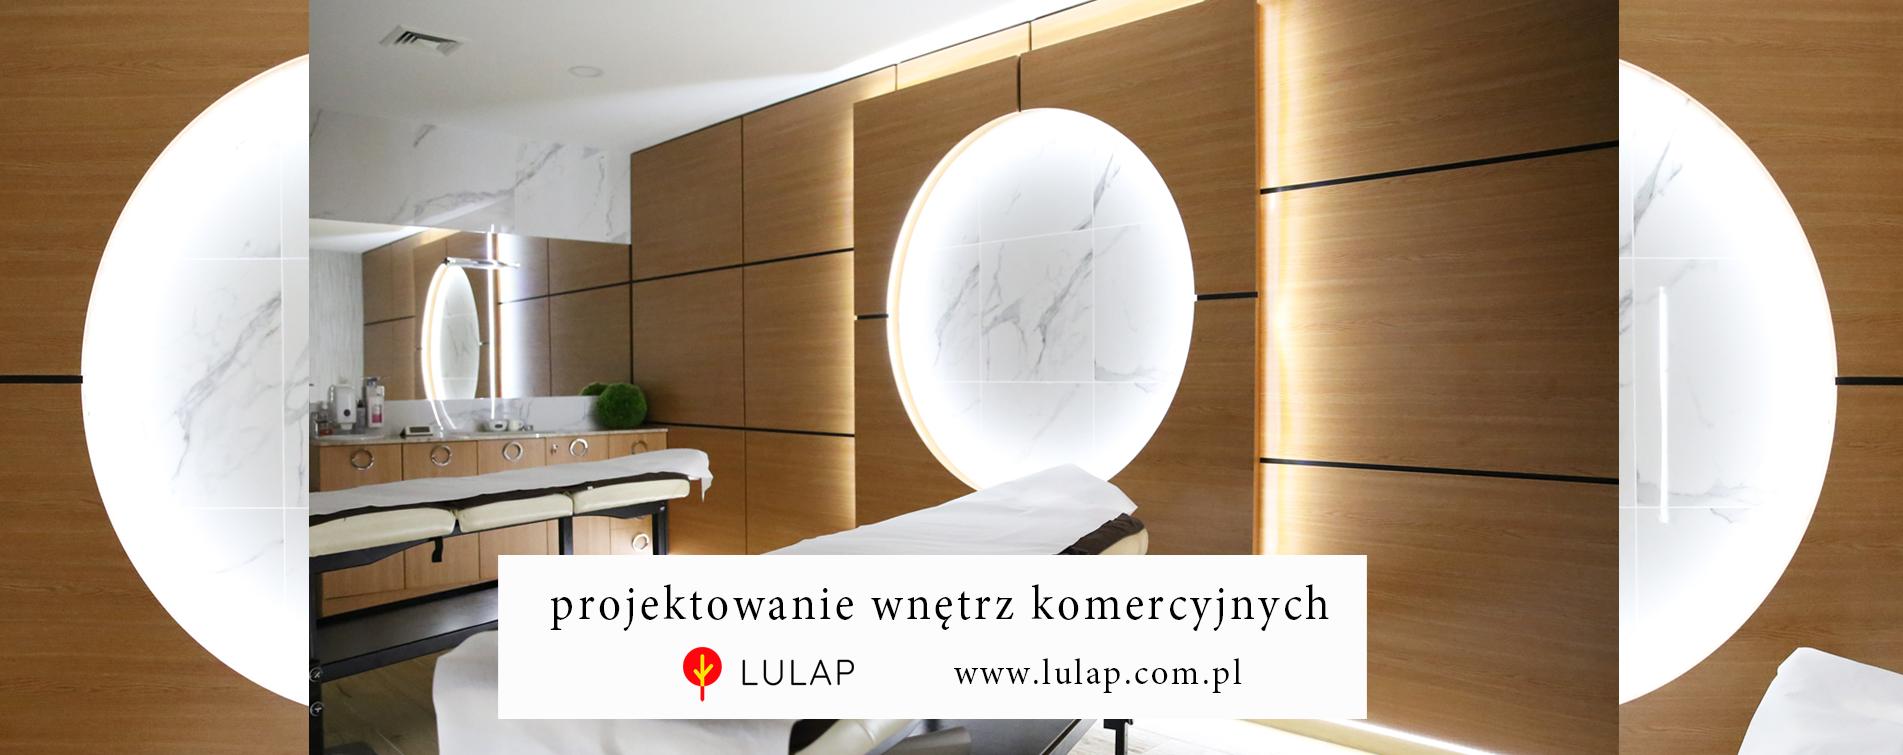 projekty_wnetrz_komercyjnych_horeca2.png